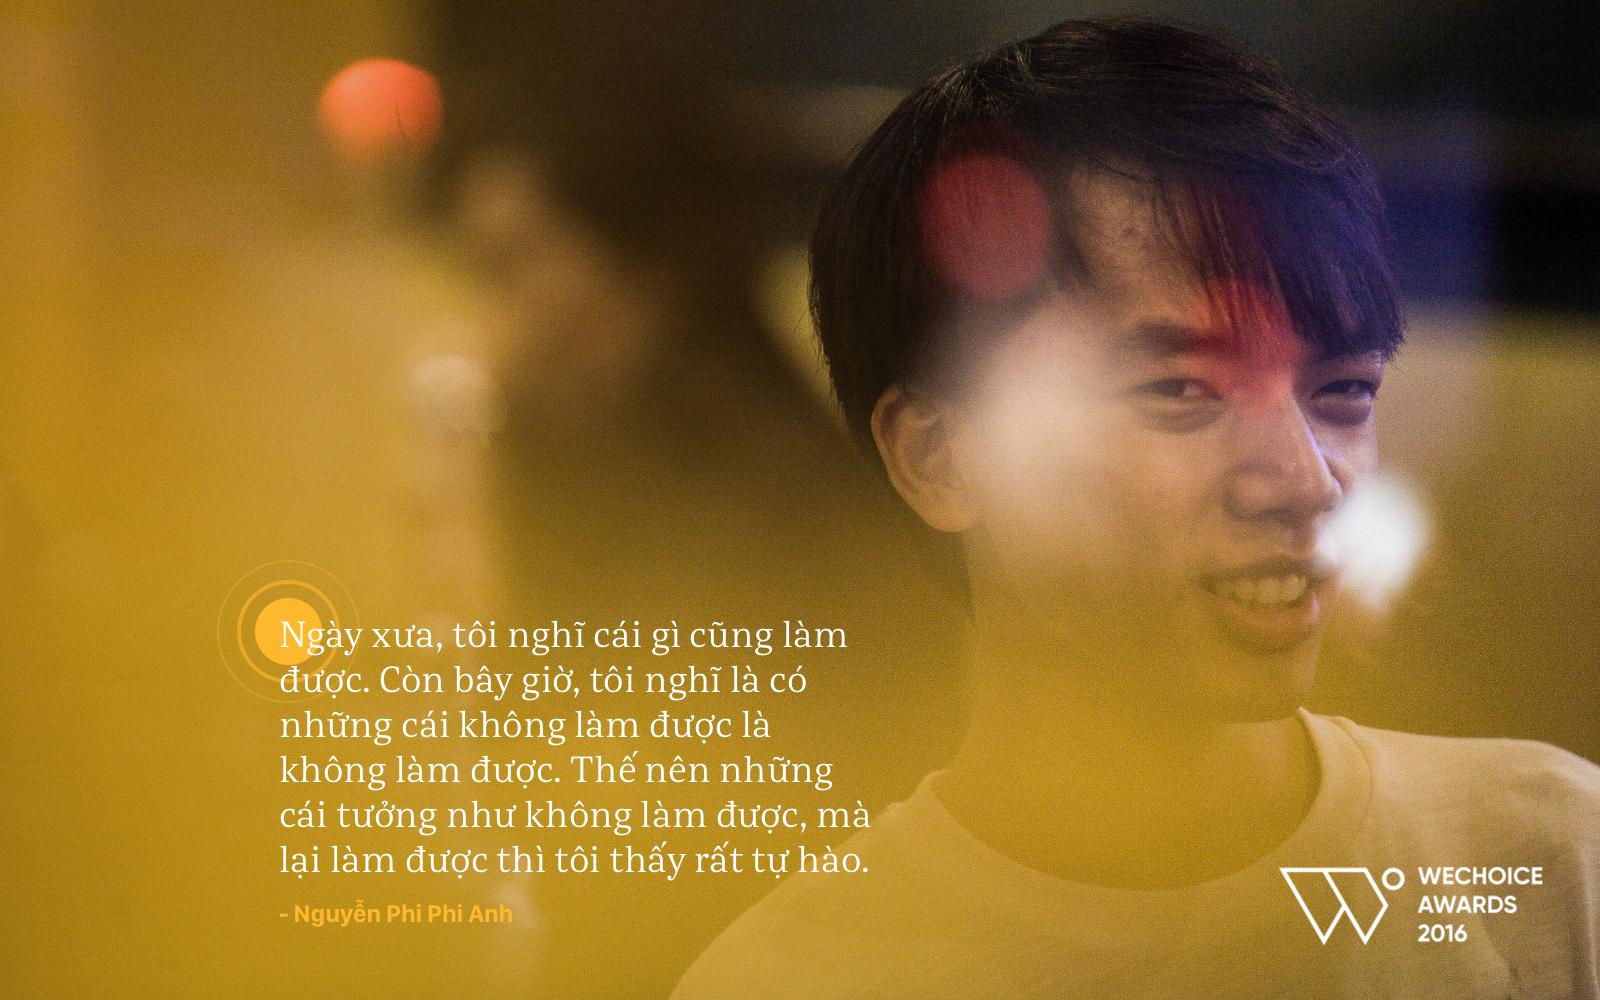 Nguyễn Phi Phi Anh: Tự mày mò học làm nhạc kịch, lỗ cả trăm triệu vẫn thấy tự hào vì… ít - Ảnh 11.